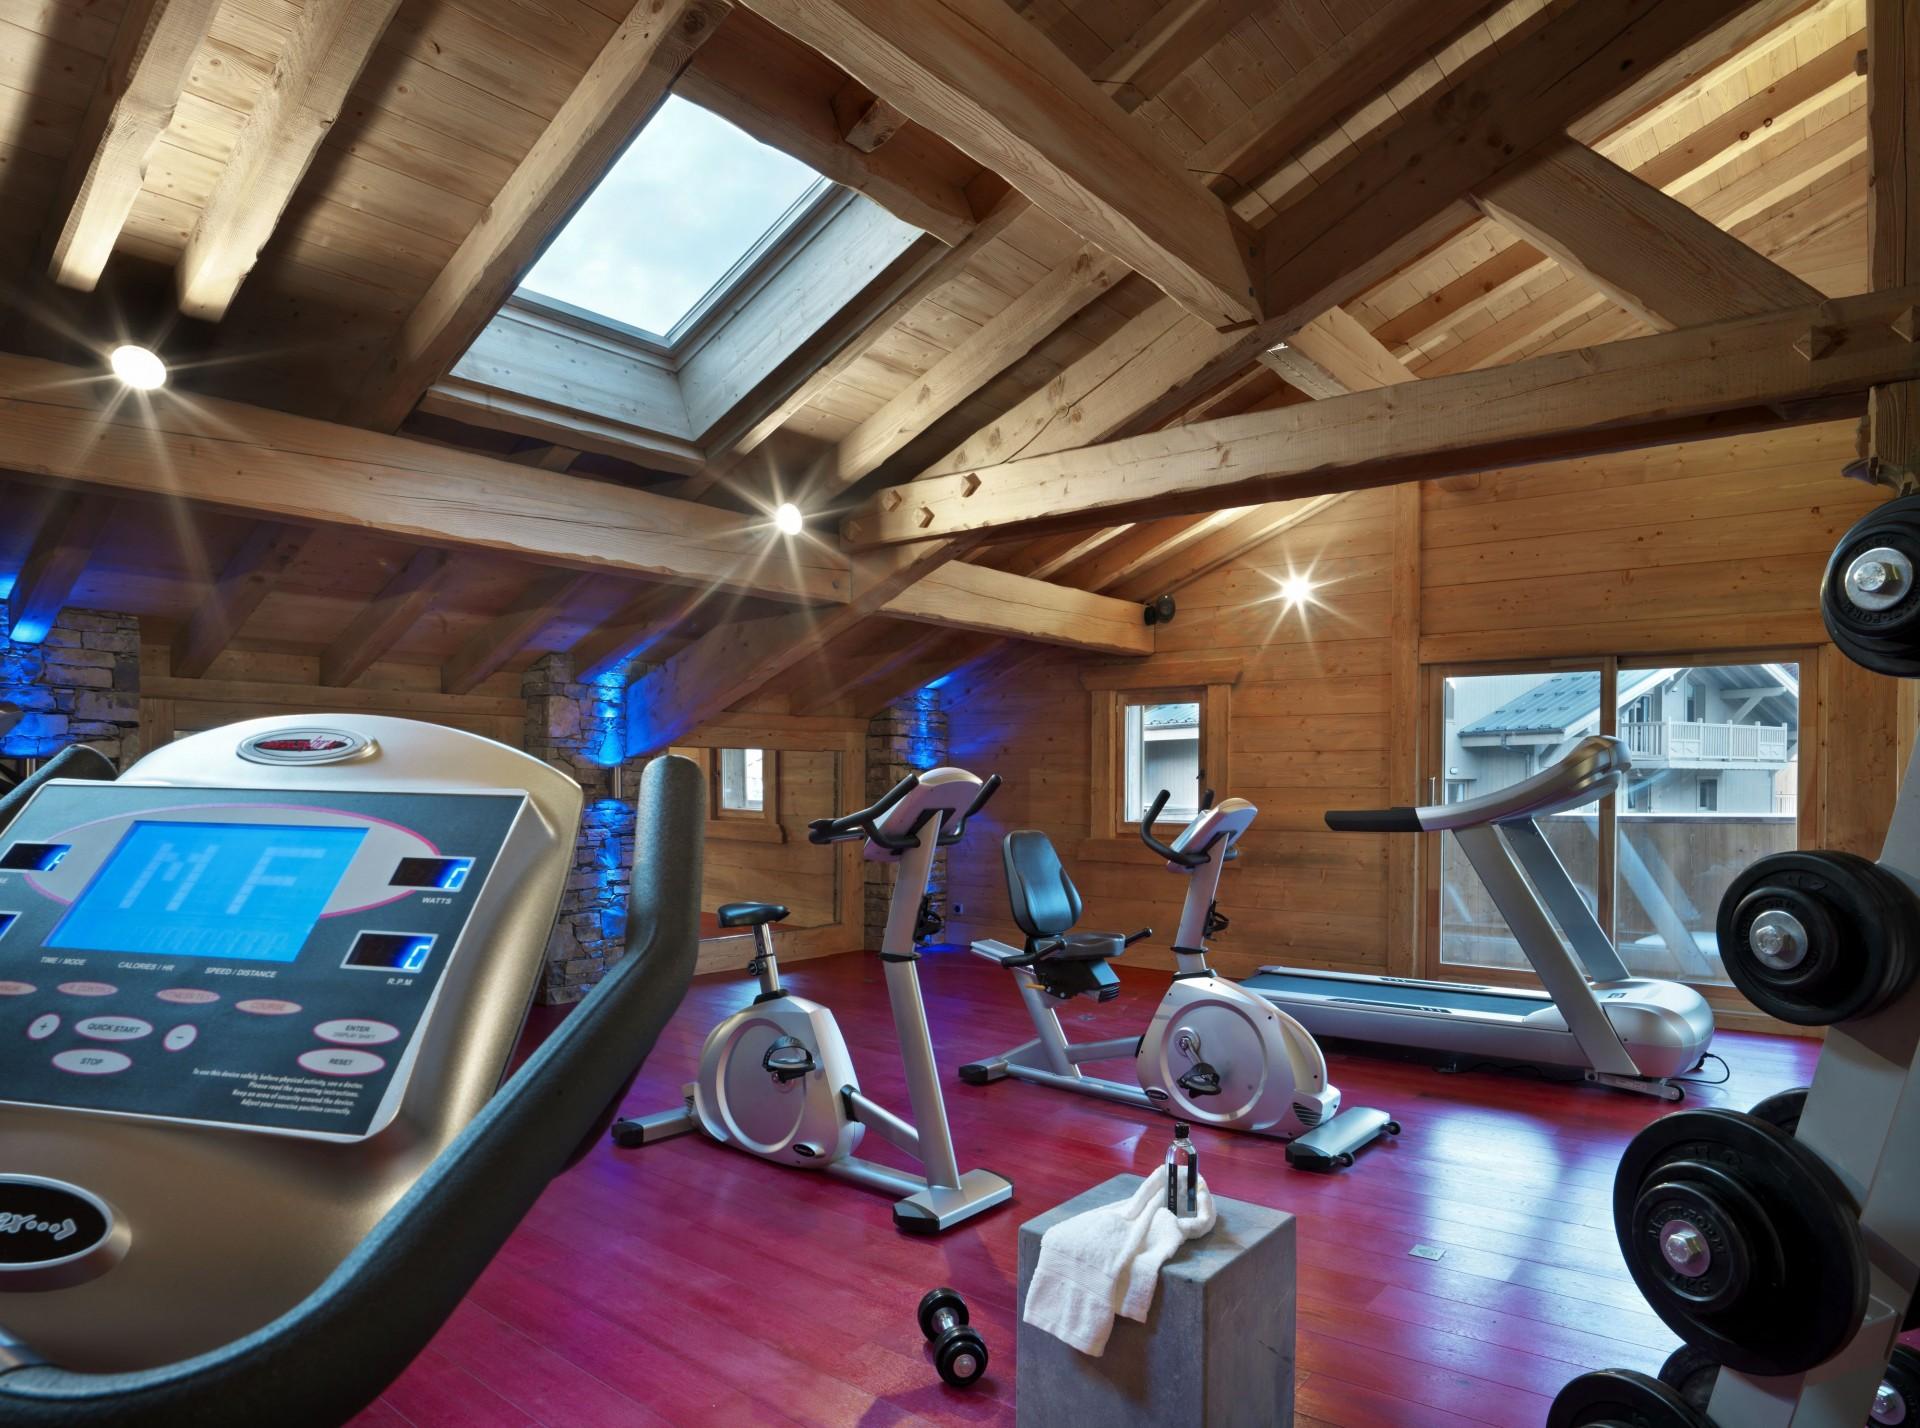 Samoens Location Appartement Luxe Salam Salle De Fitness